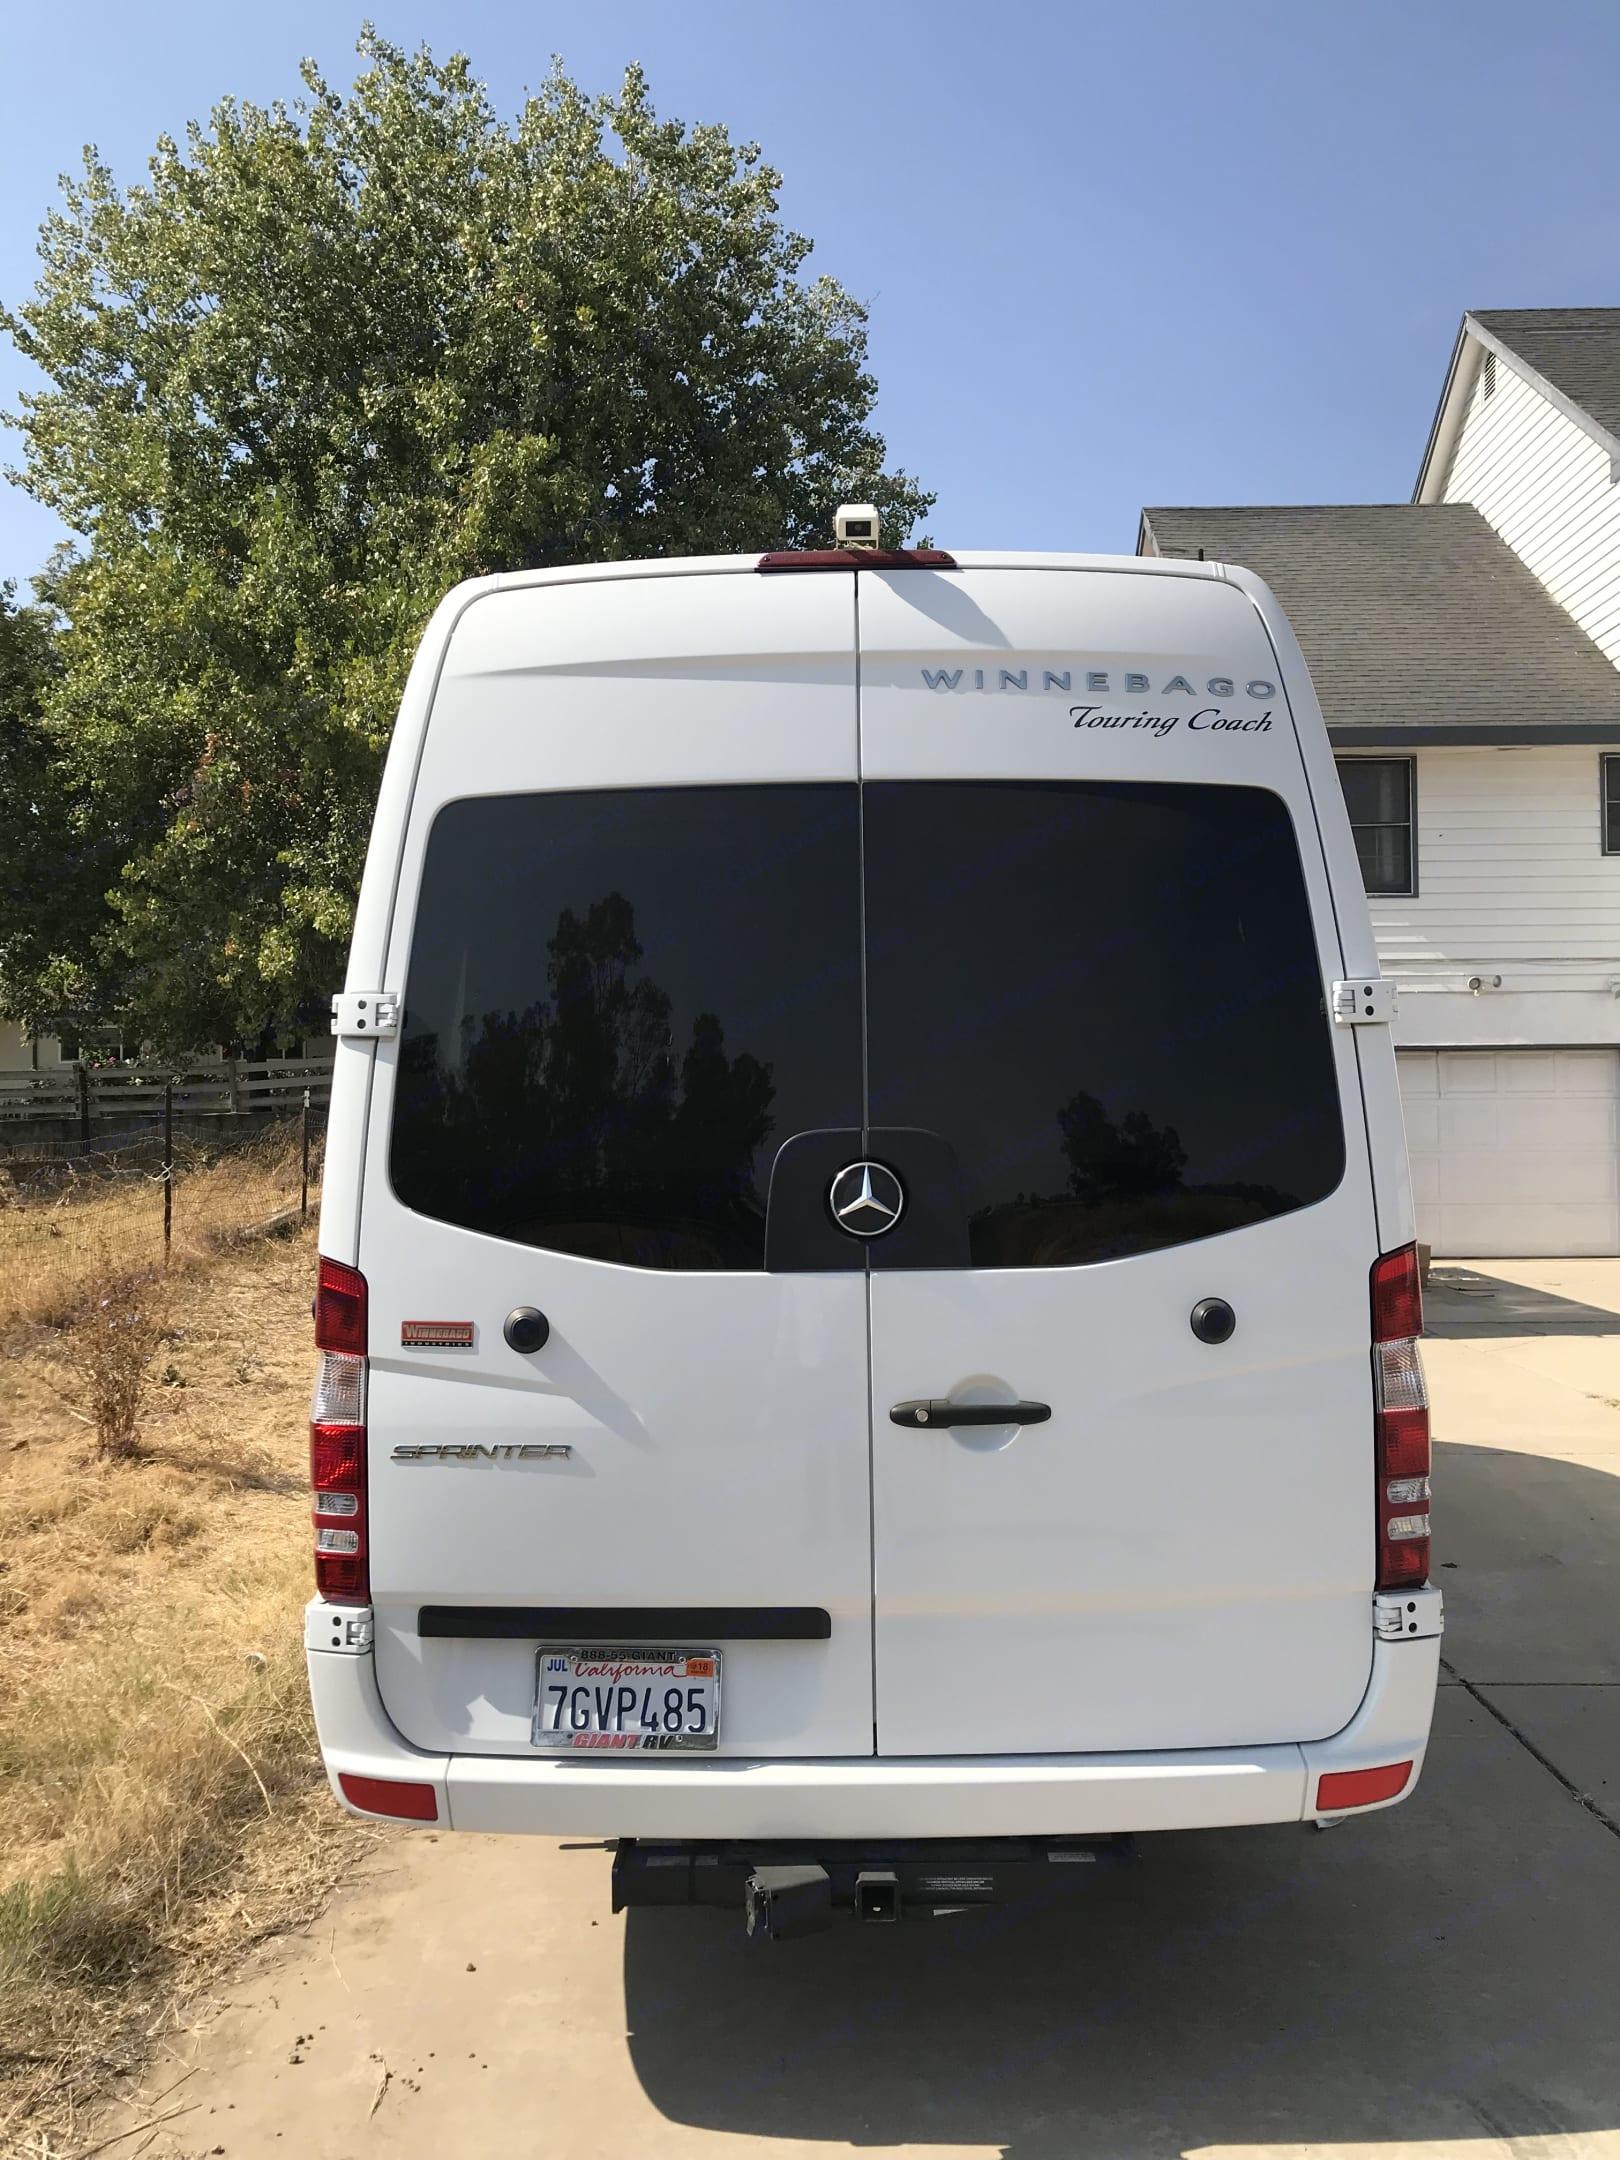 Mercedes-Benz Sprinter RV Motorhome Campervan 2015